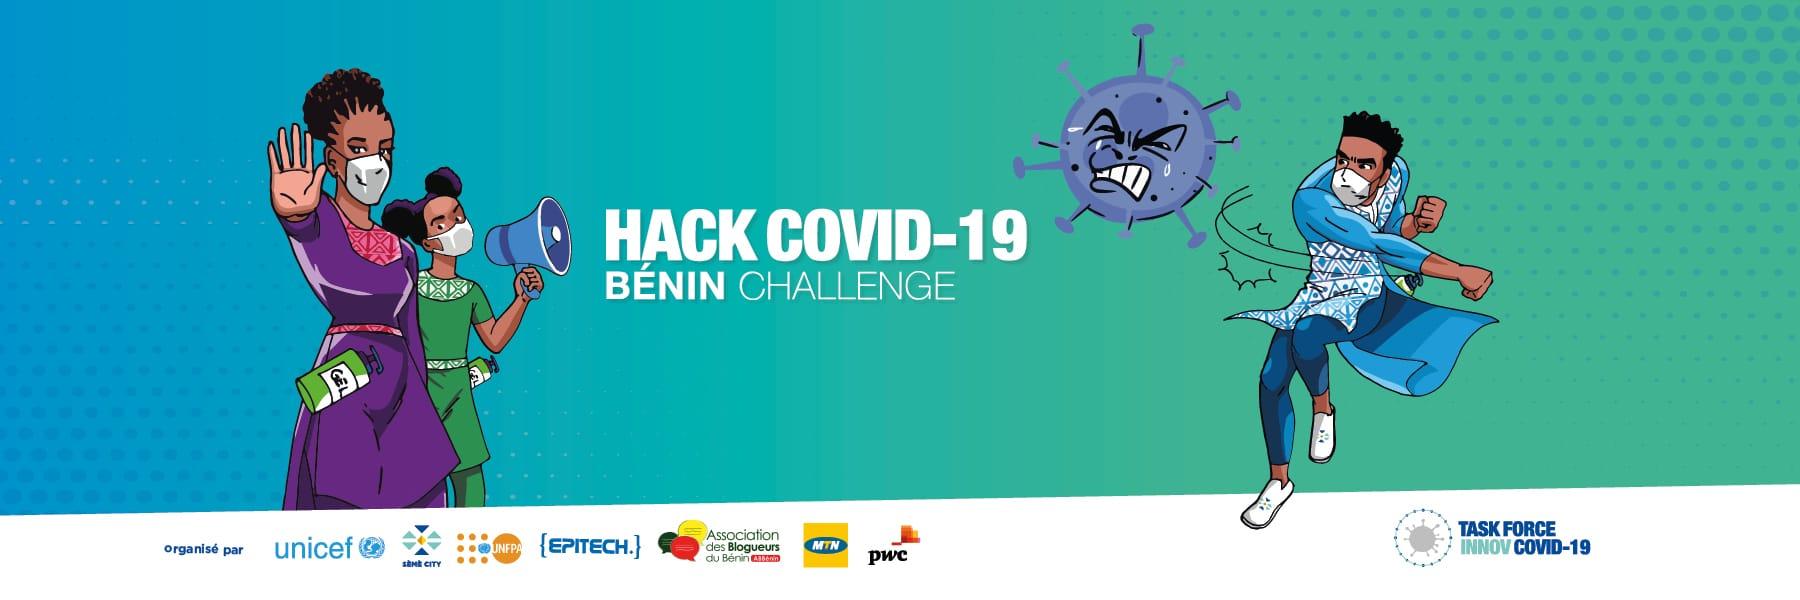 Banniere challenge Hack Covid 19